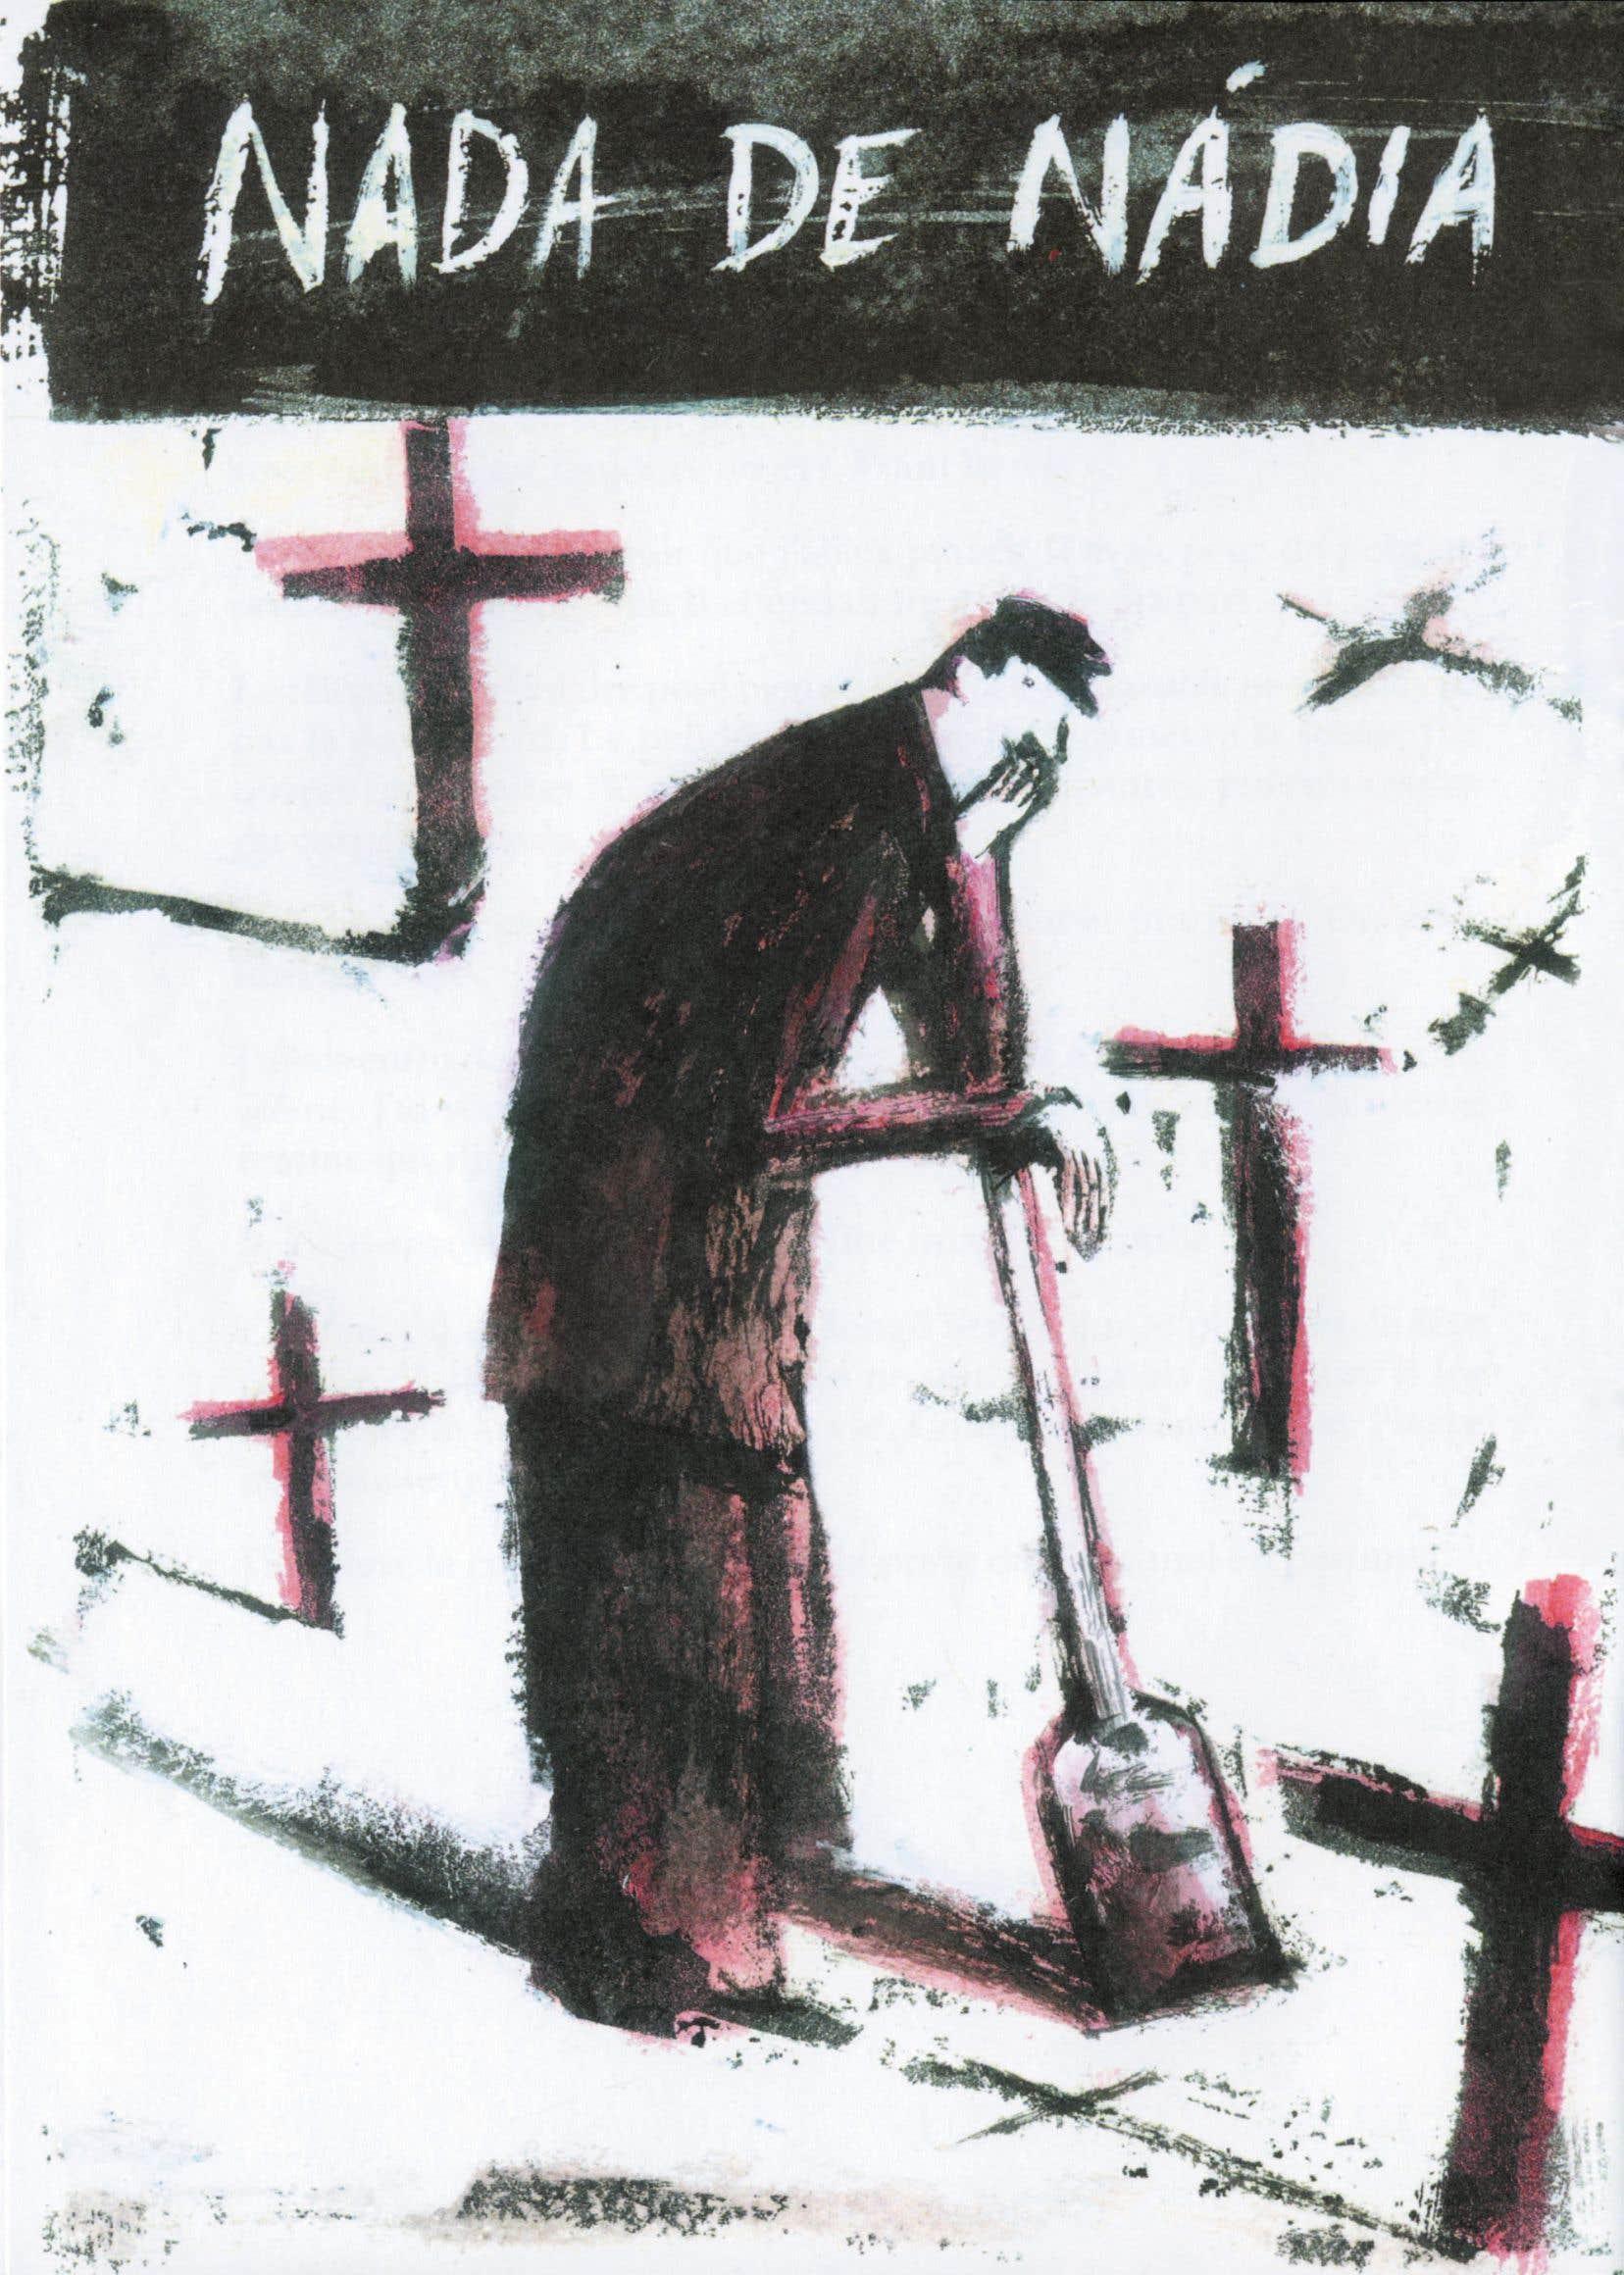 Le livre «L'oeuvre incomplète d'Amílcar Torpp» est aussi mystérieux que le destin du personnage qui en occupe le centre.